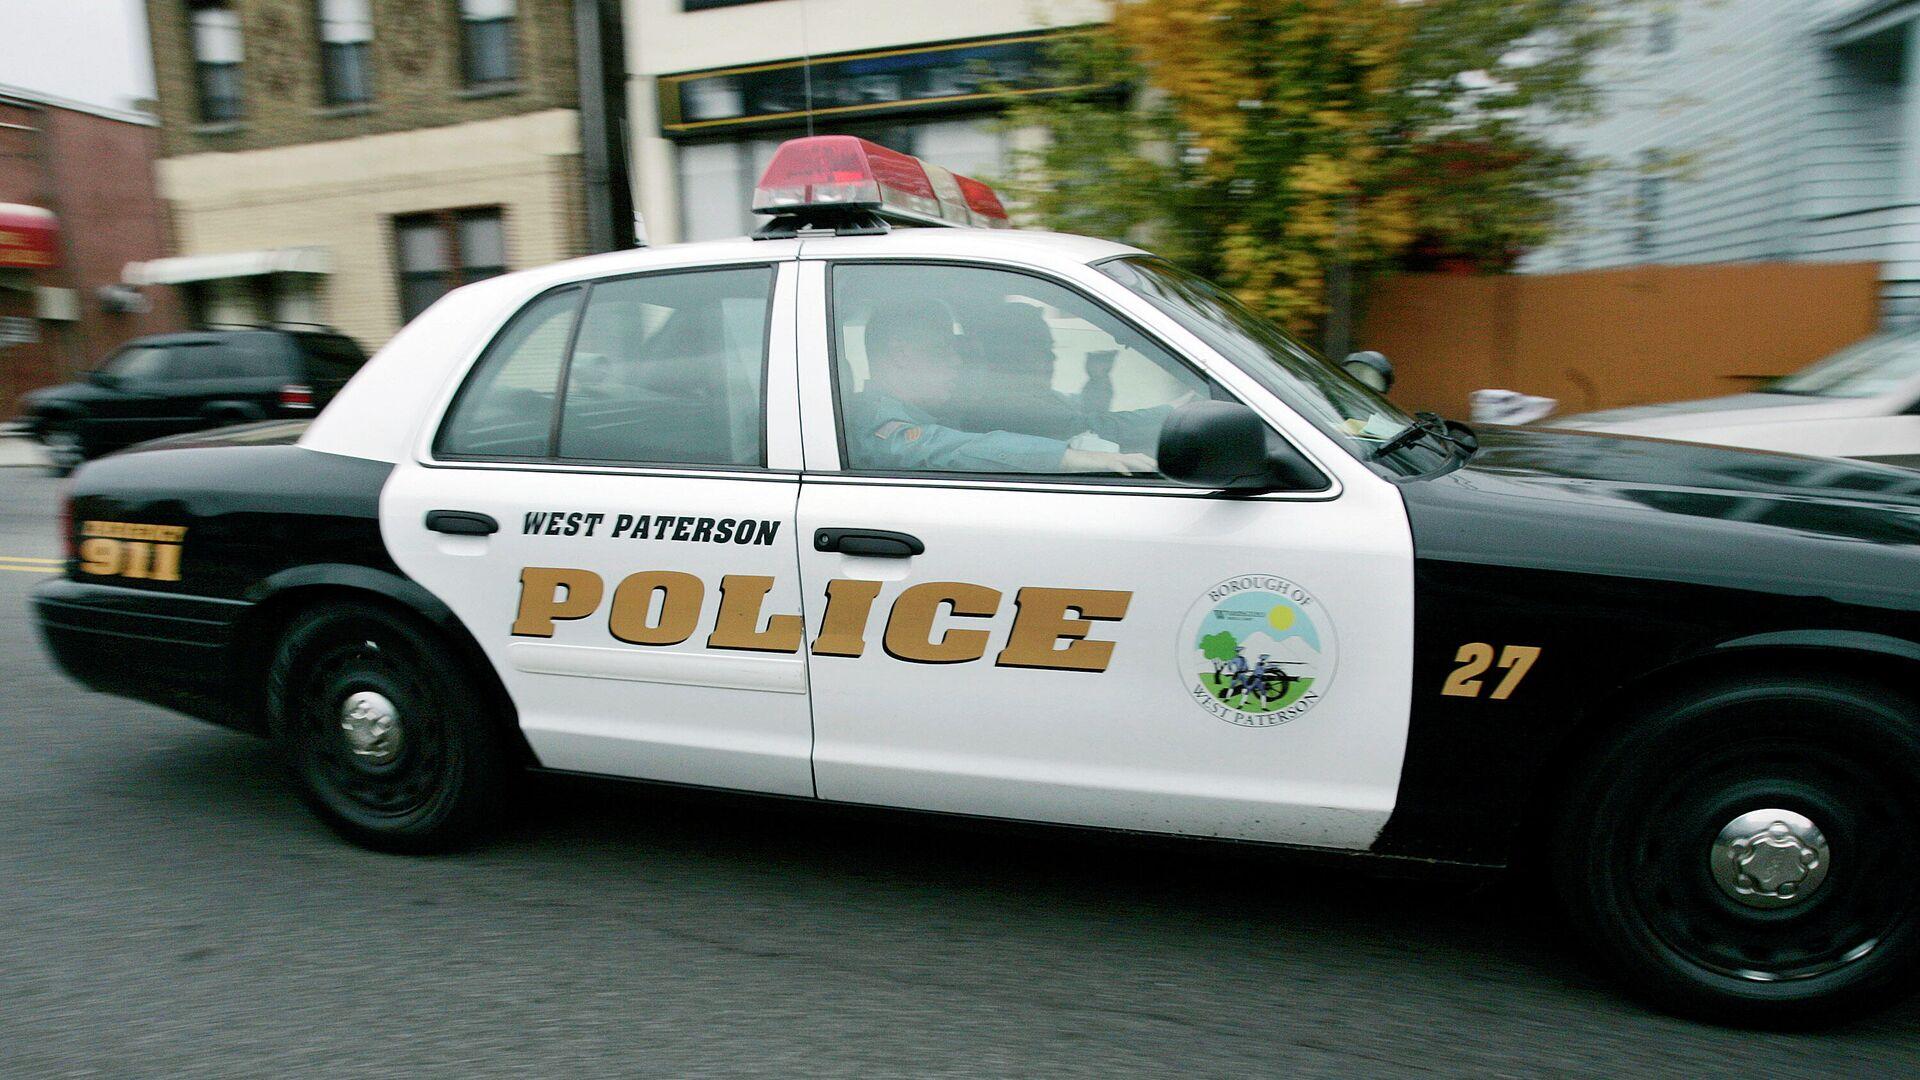 Полиция города Патерсон штата Нью-Джерси - РИА Новости, 1920, 26.09.2020